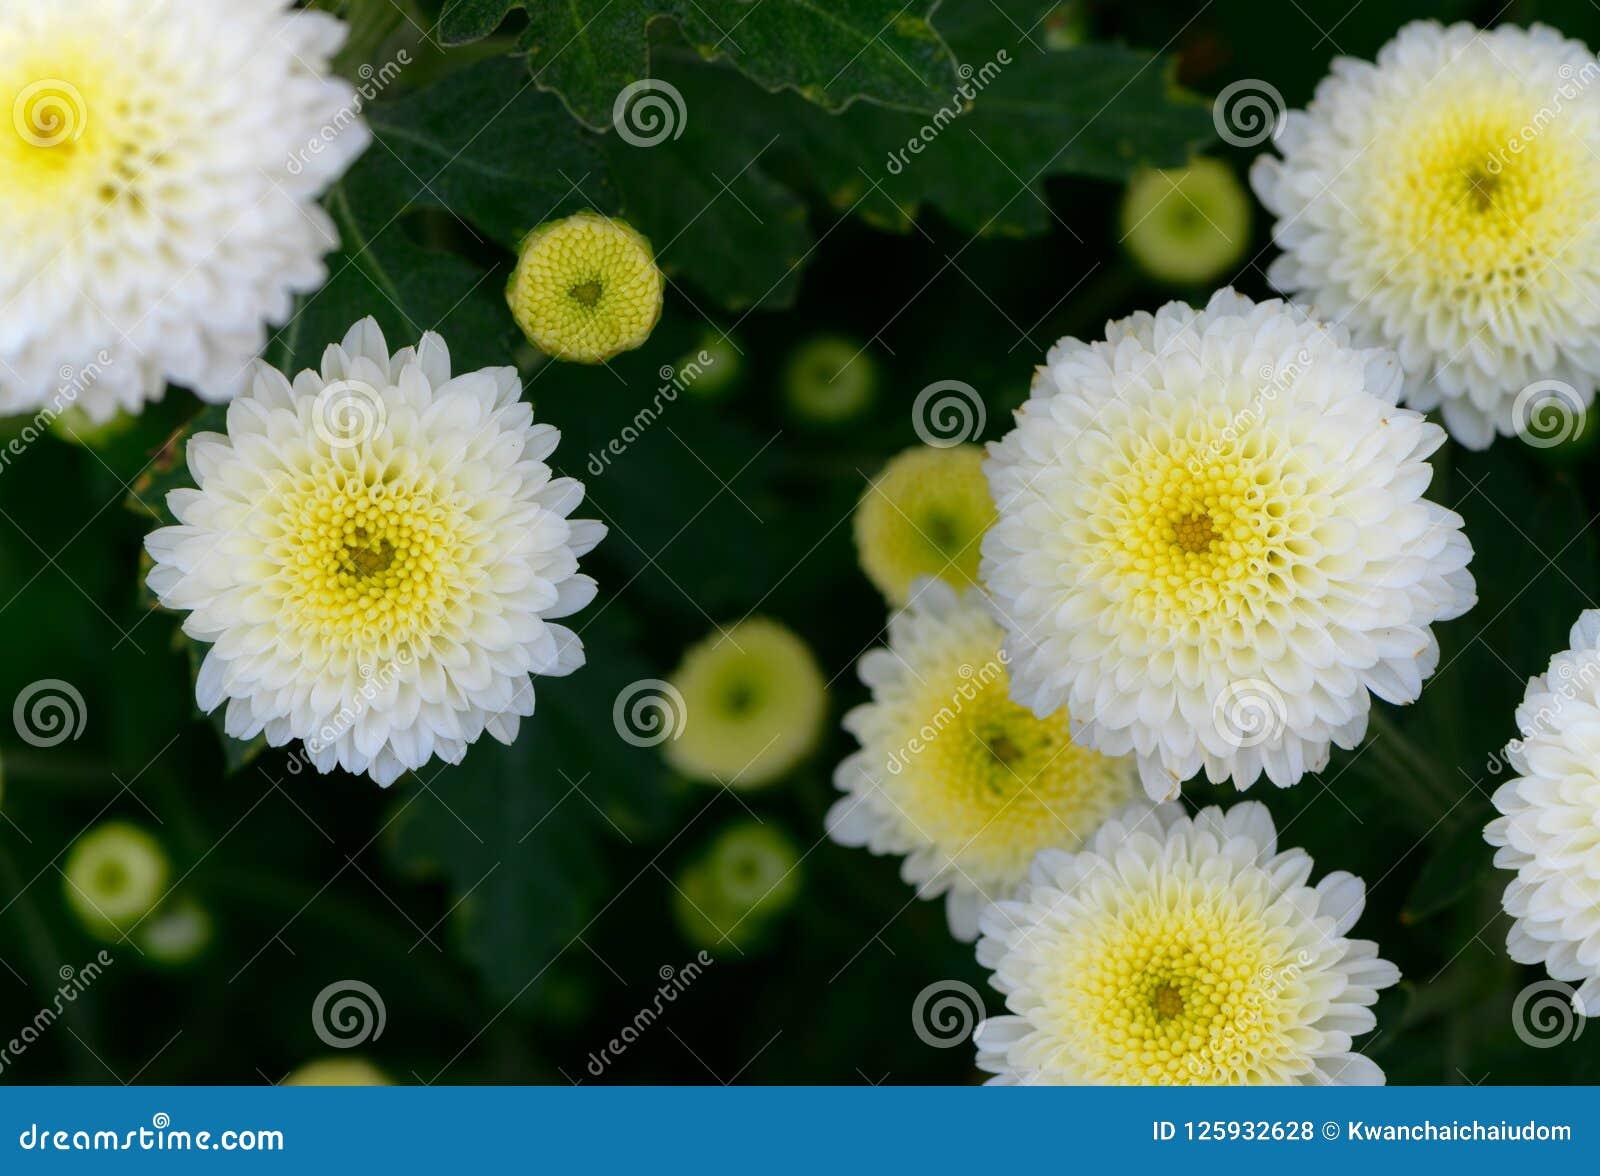 White chrysanthemum flower with yellow center on top view stock download white chrysanthemum flower with yellow center on top view stock photo image of mightylinksfo